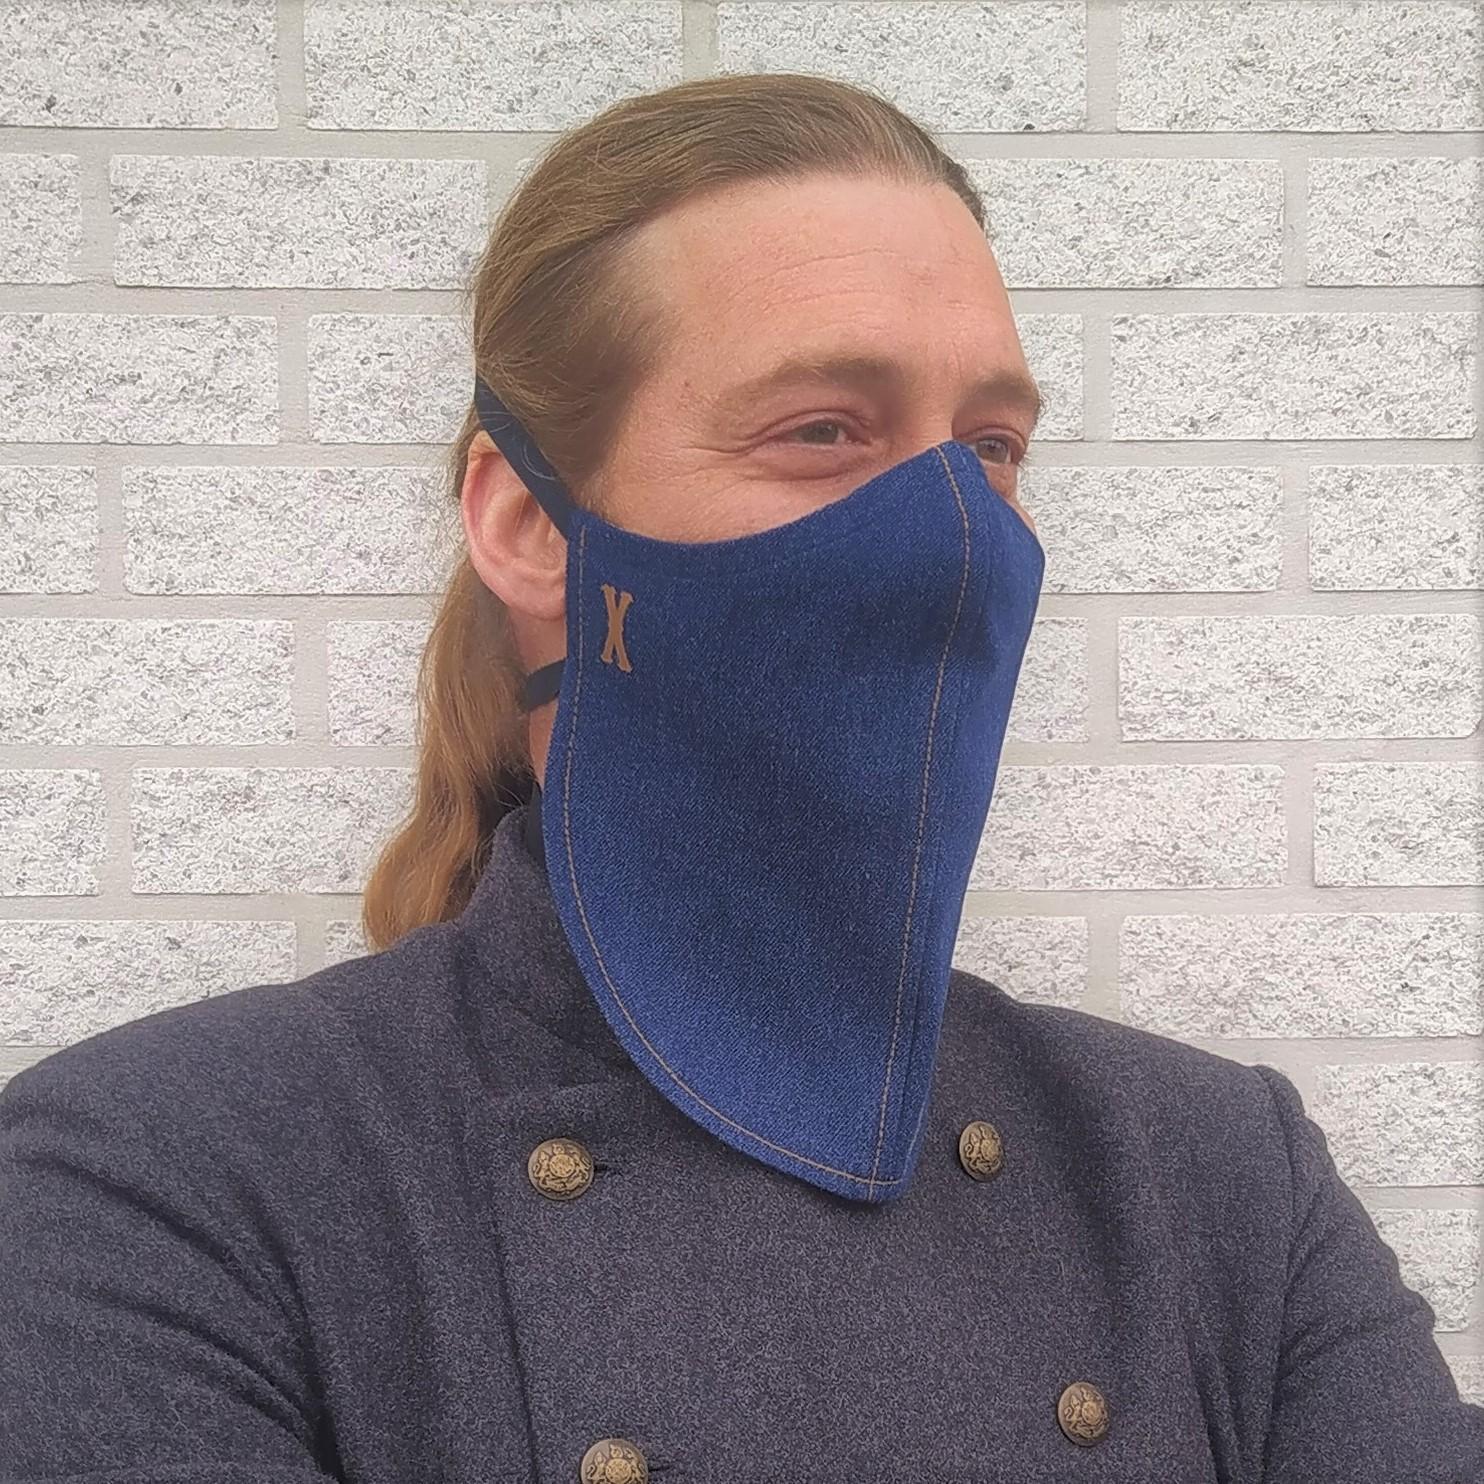 Belgische baardkap verovert Nederland. 'Baard naar de knoppen door standaard mondmasker'